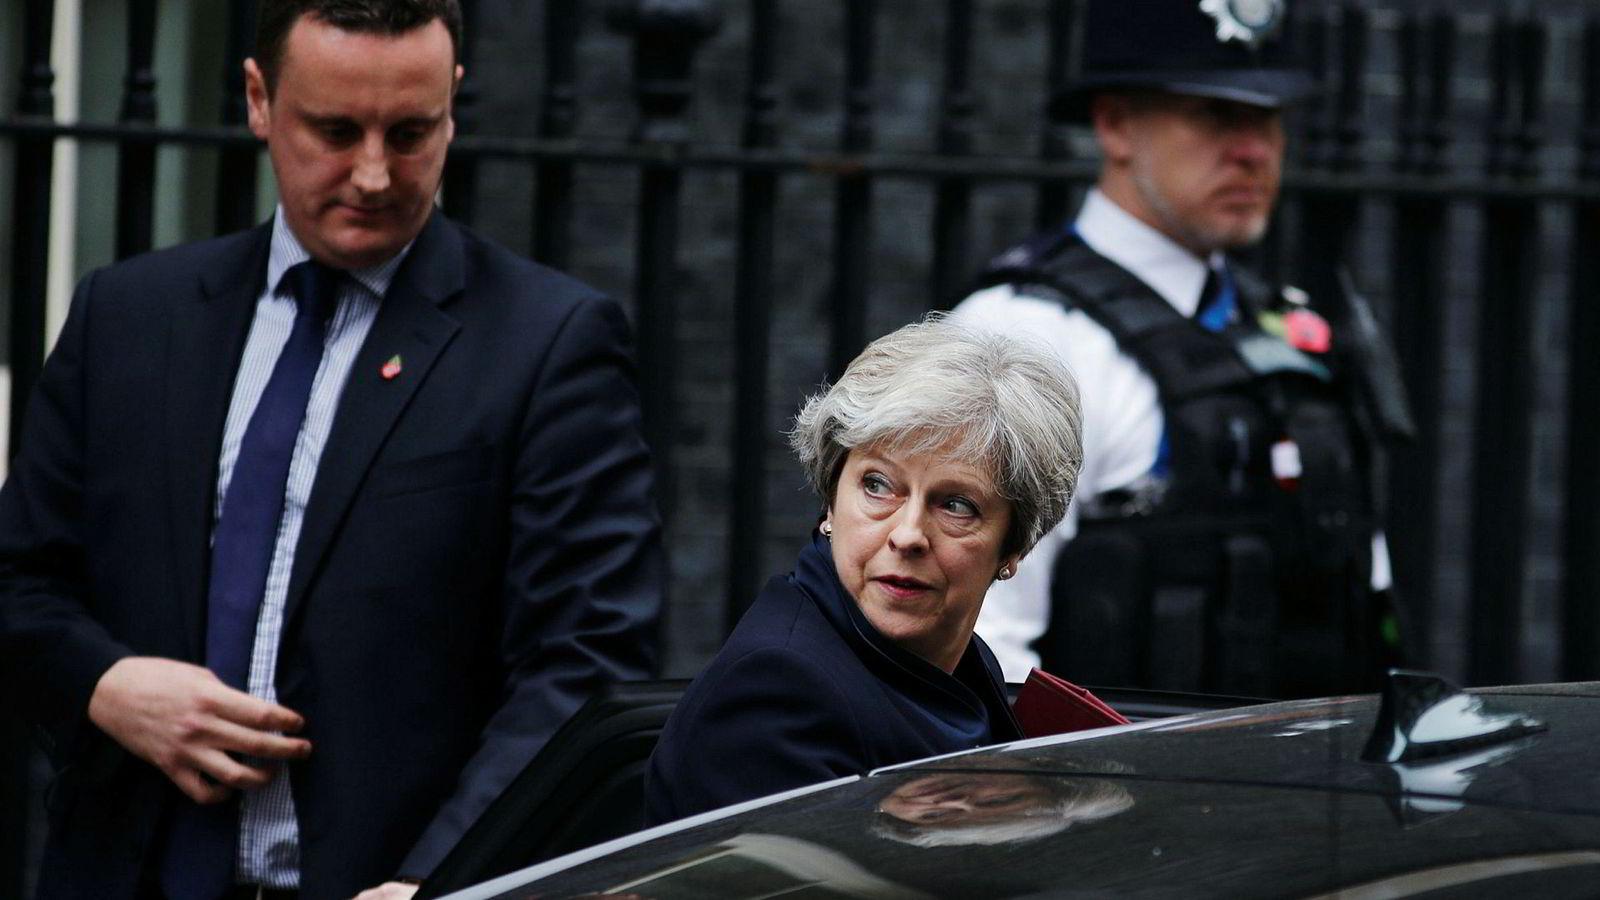 Et tilbud om langsiktige budsjettbidrag kan gi Storbritannias statsminister Theresa May store fortrinn.